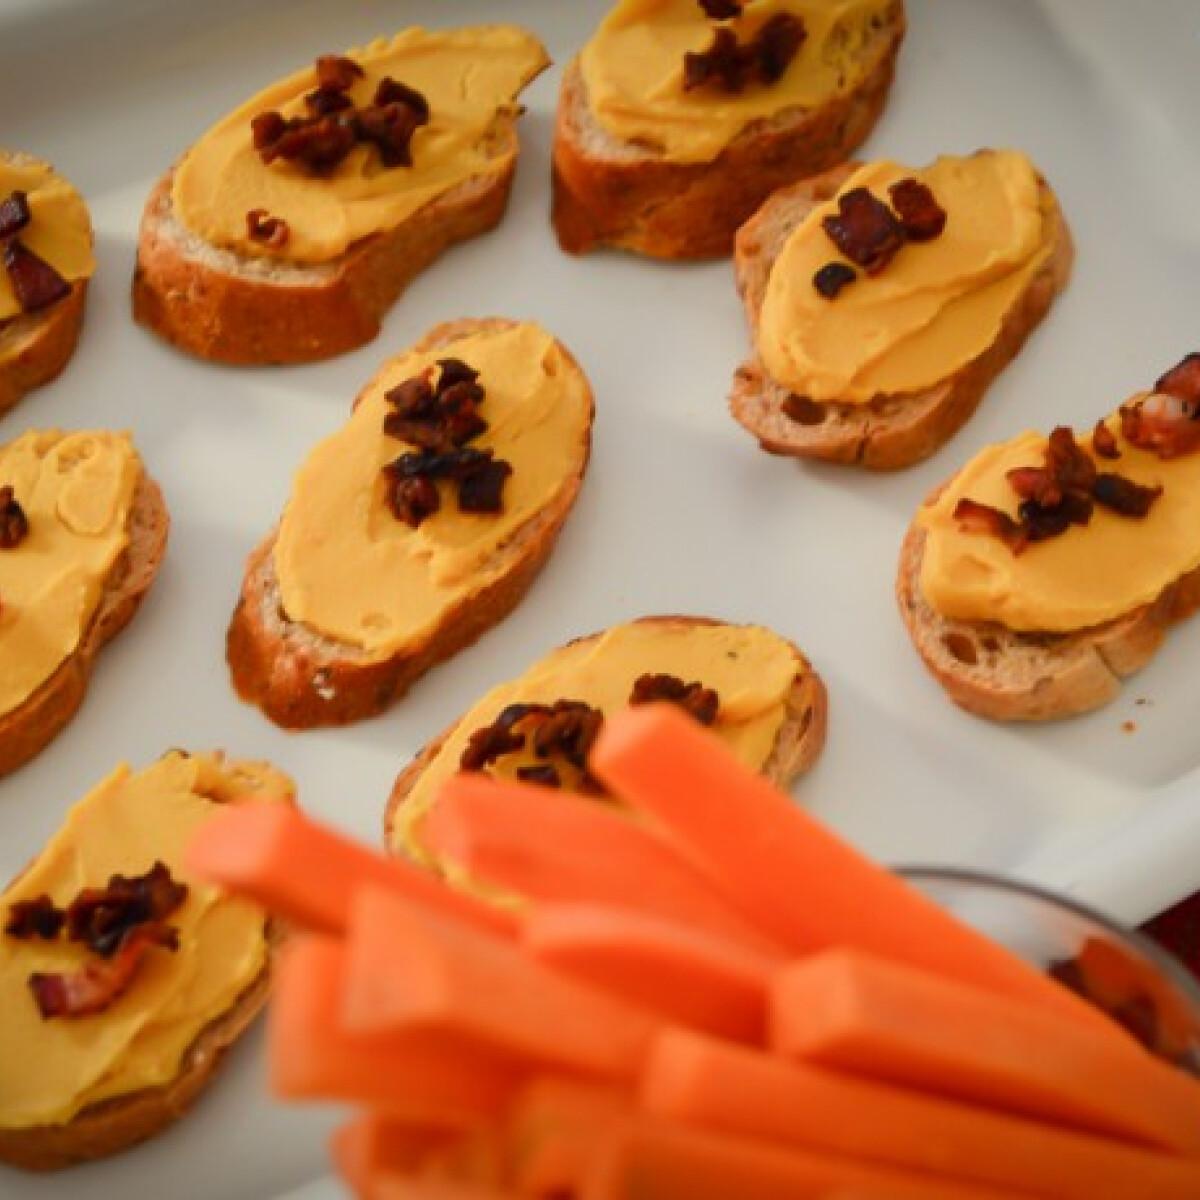 Ezen a képen: Sütőtökhumusz baconchips-szel